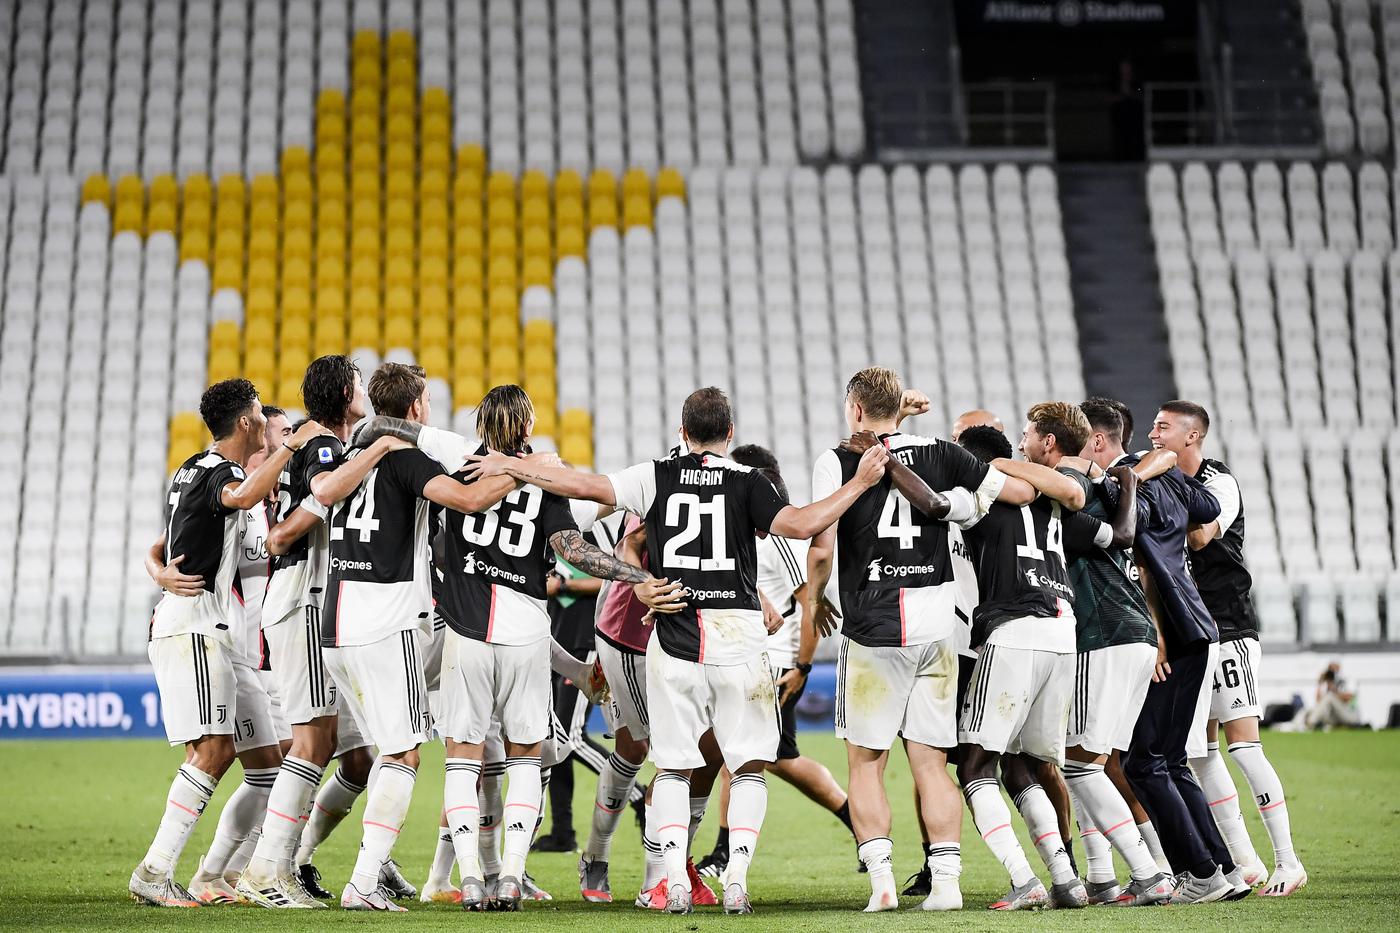 Serie A, la Juventus è Campione d'Italia. I bianconeri vincono il ...